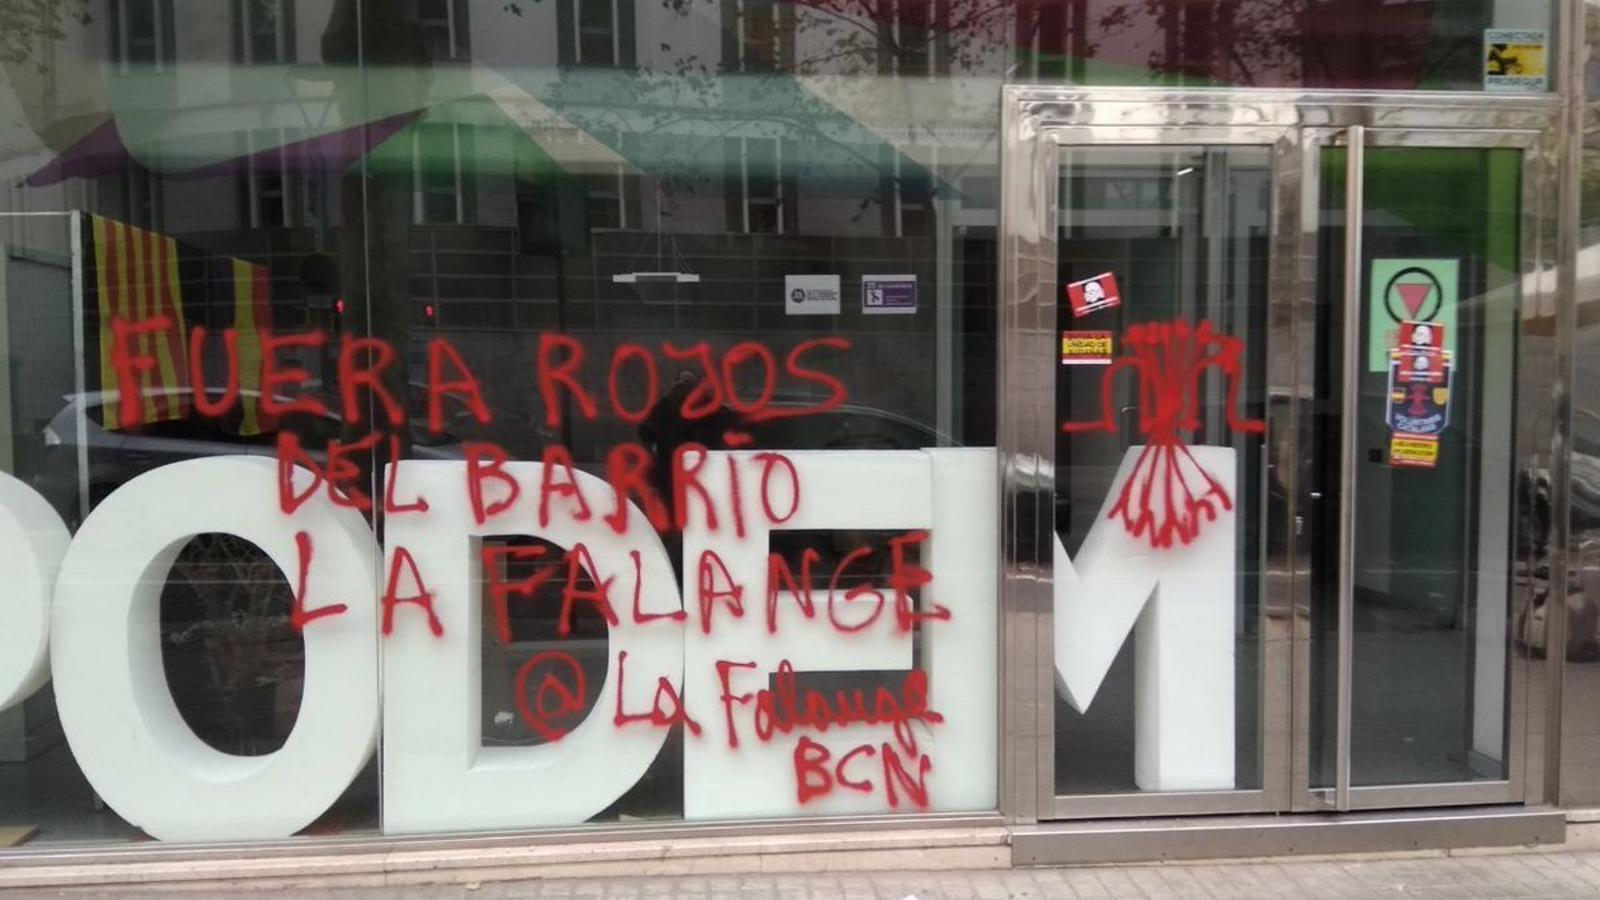 La seu de Podem Catalunya amb pintades de la Falange